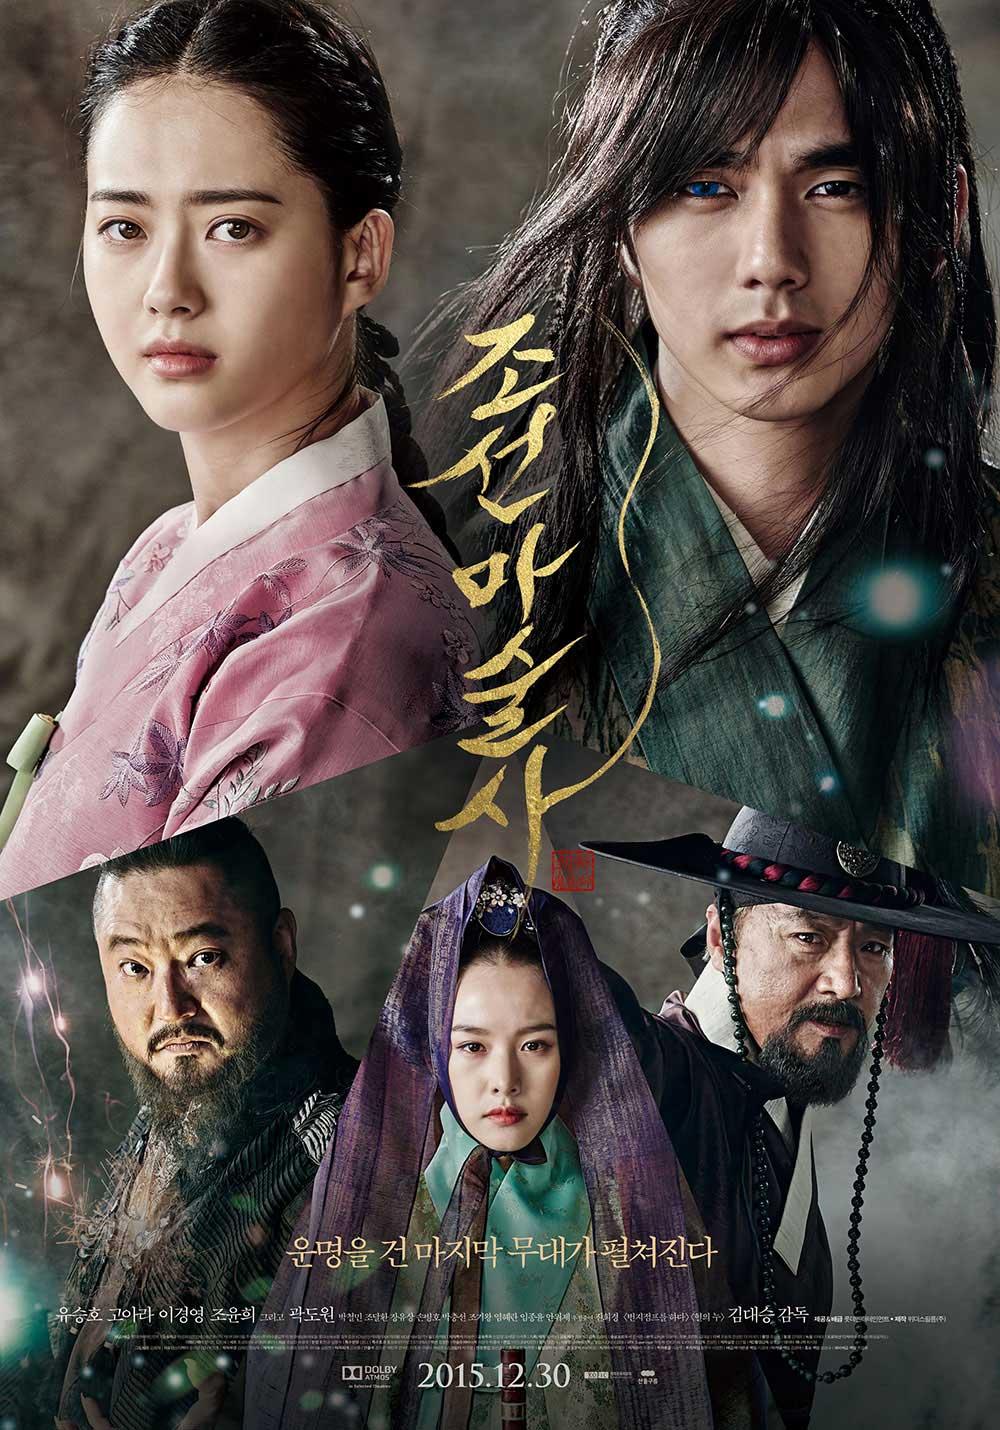 فیلم کره ای جادوگر چوسان 2015 The Joseon Magician